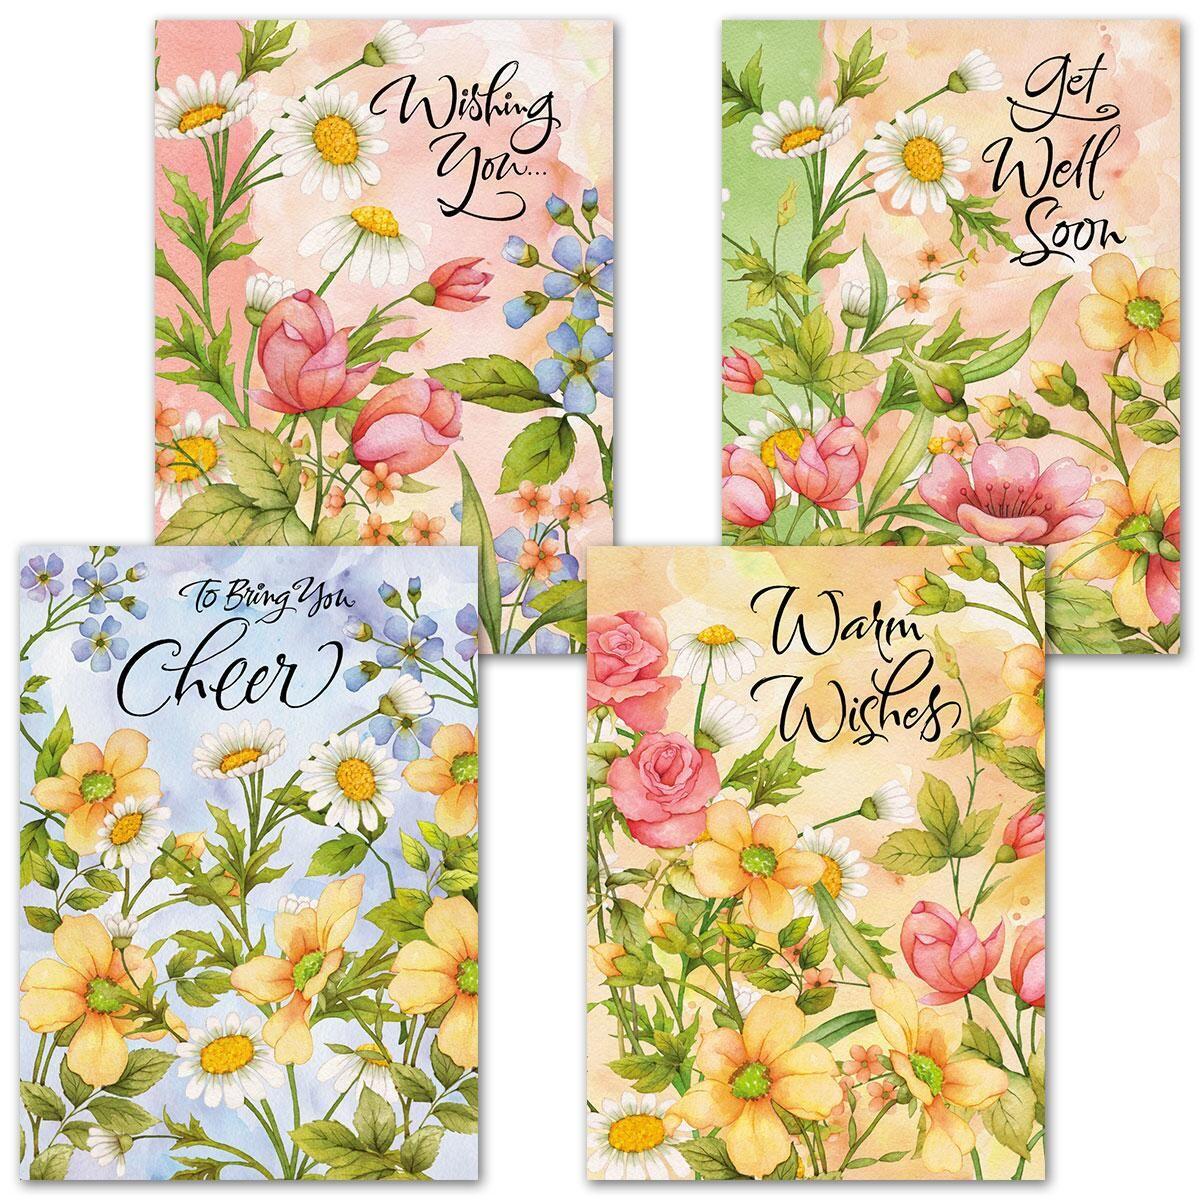 Watercolor Garden Get Well Cards & Seals